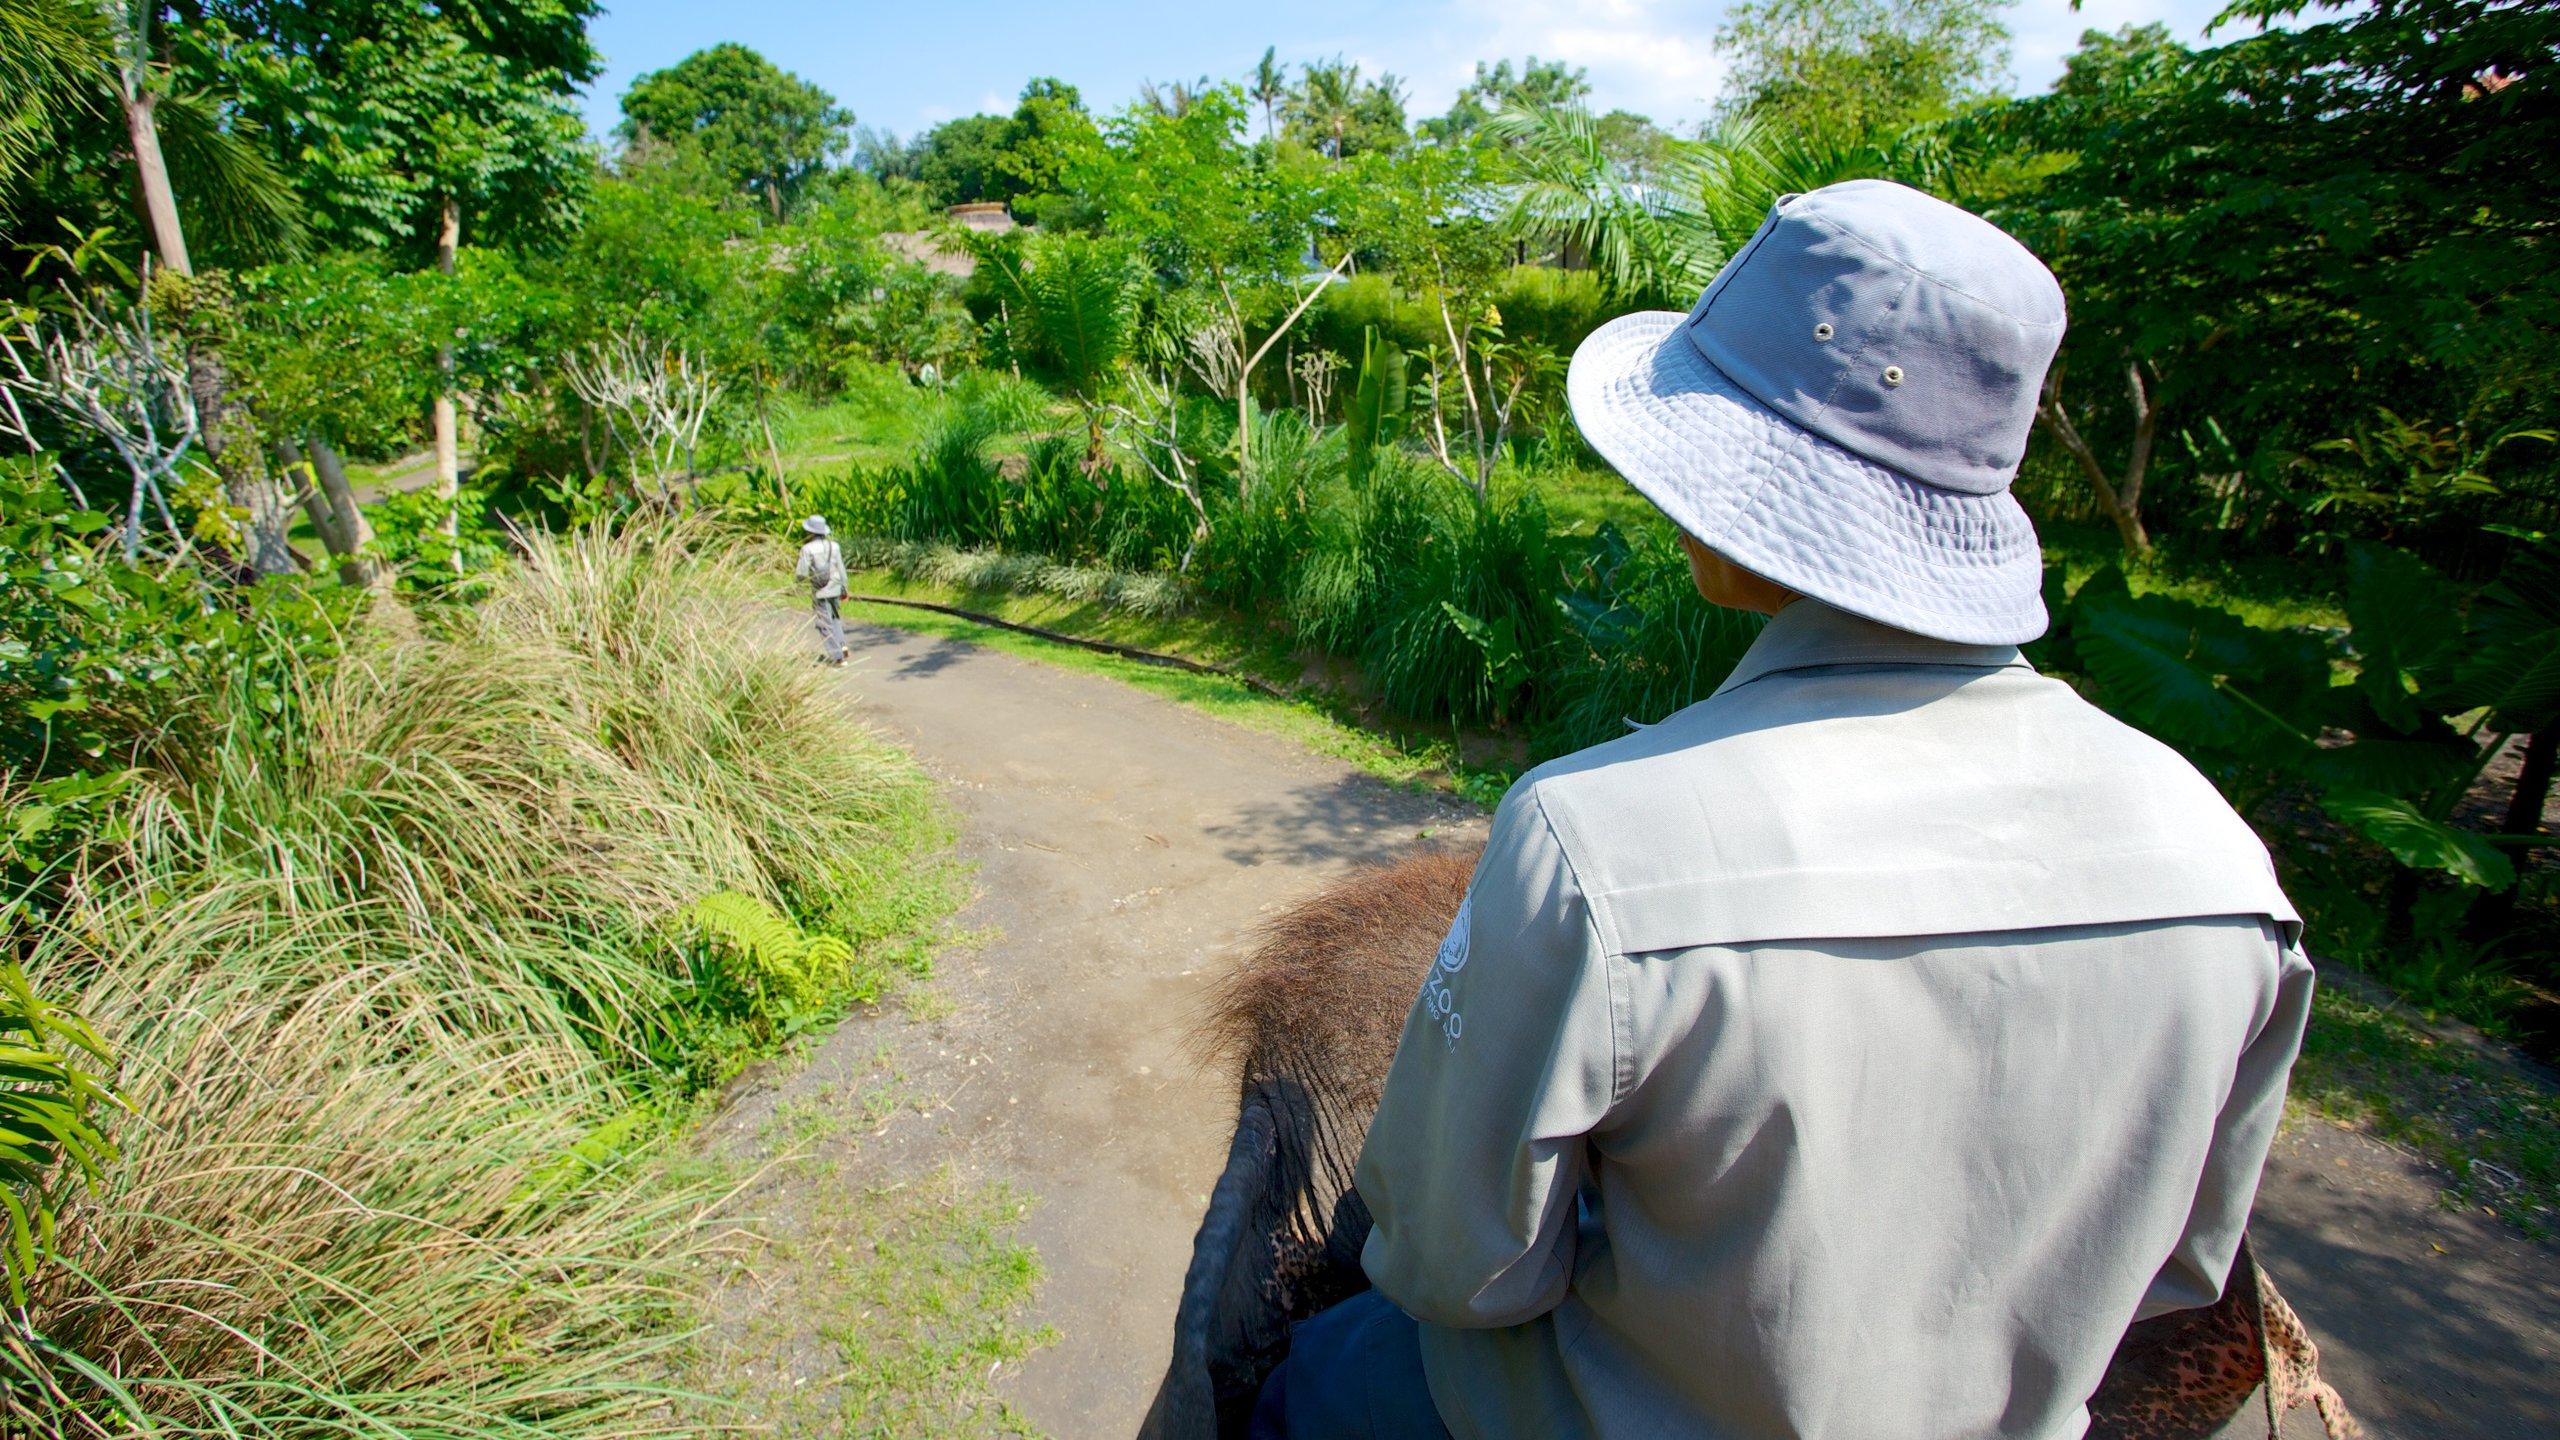 Lihat hewan eksotis dan asli yang menjadikan Kebun Binatang Bali sebagai rumahnya selama perjalanan Anda ke Sukawati. Luangkan waktu untuk mengunjungi spa area ini, atau cukup nikmati restoran pemenang penghargaan.